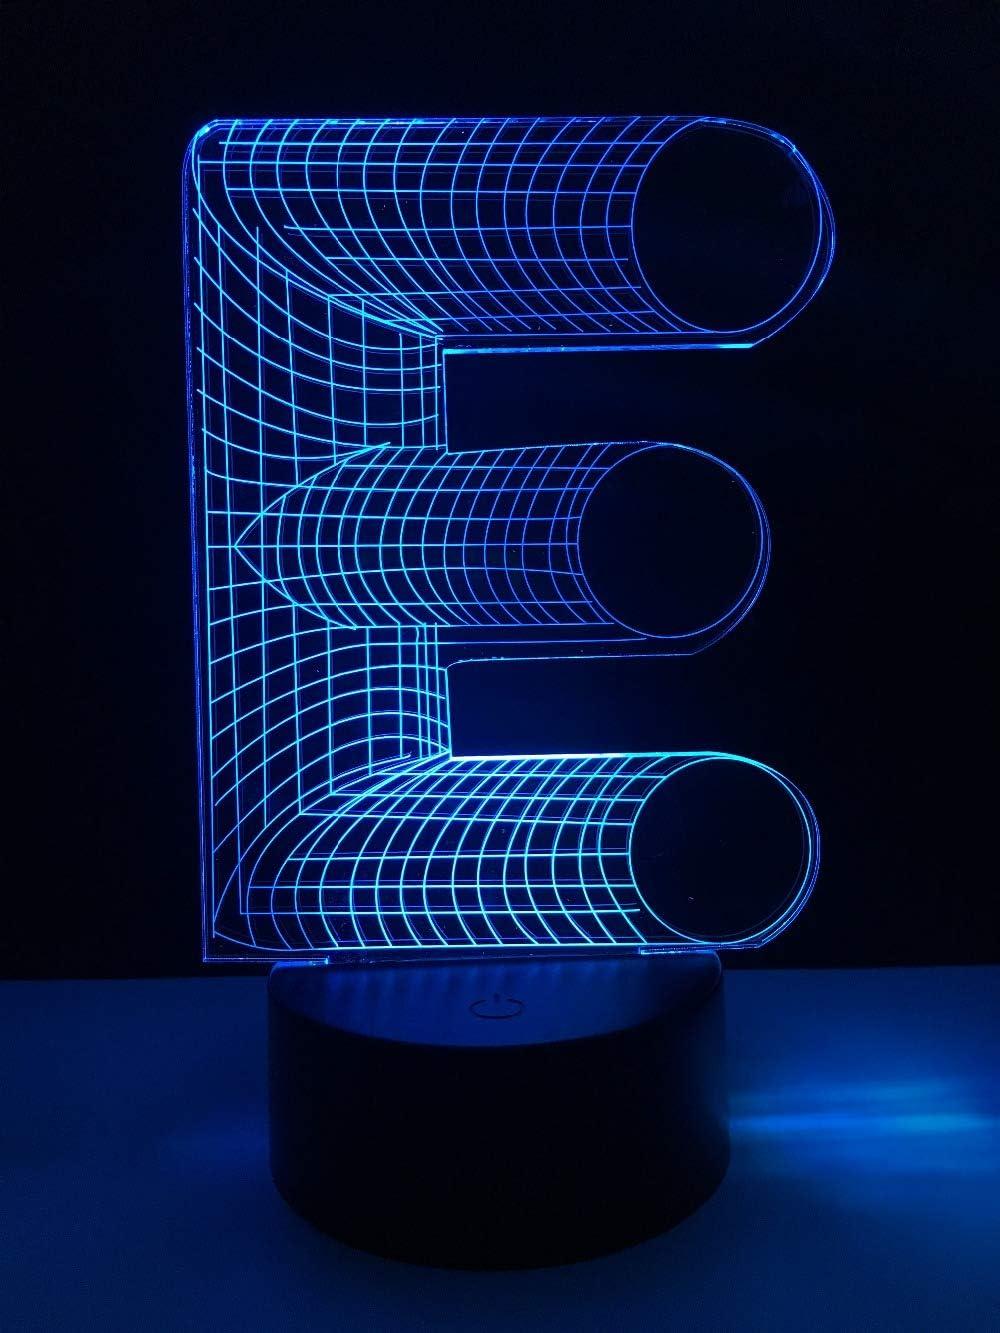 Night Light 3D, Cool 3D Lighting Alphabet Letter E 7 Mesa De Escritorio Cambiante De Color Led Night Light Home Bar Decoración Chriatmas Año Nuevo Presente: Amazon.es: Iluminación